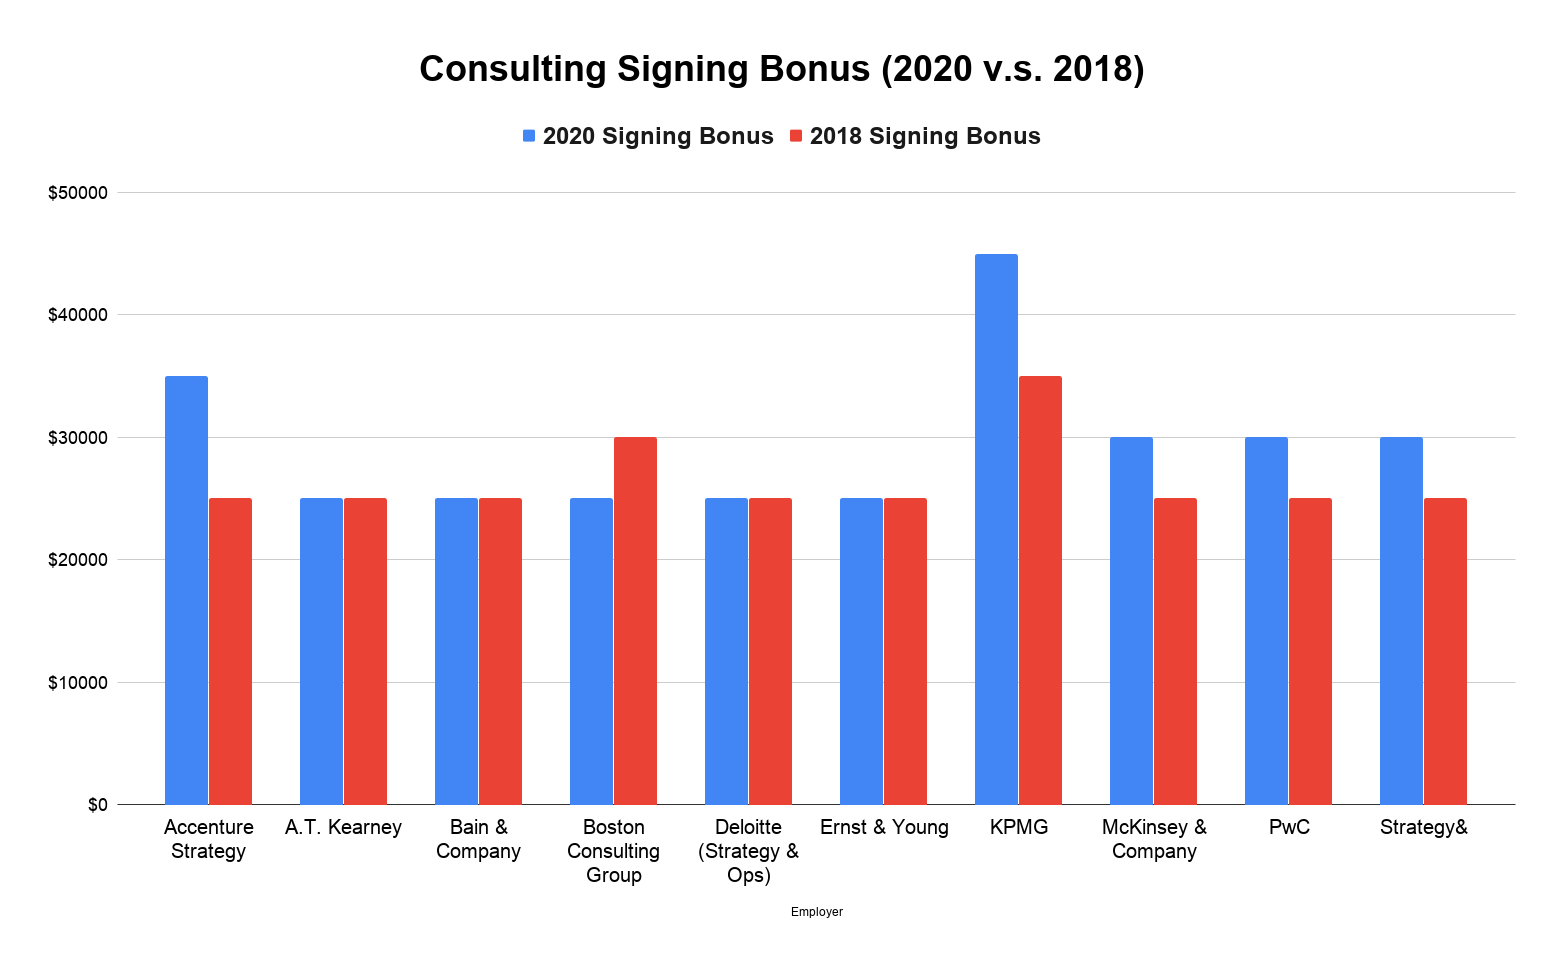 Consulting Signing Bonus (2020 v.s. 2018)